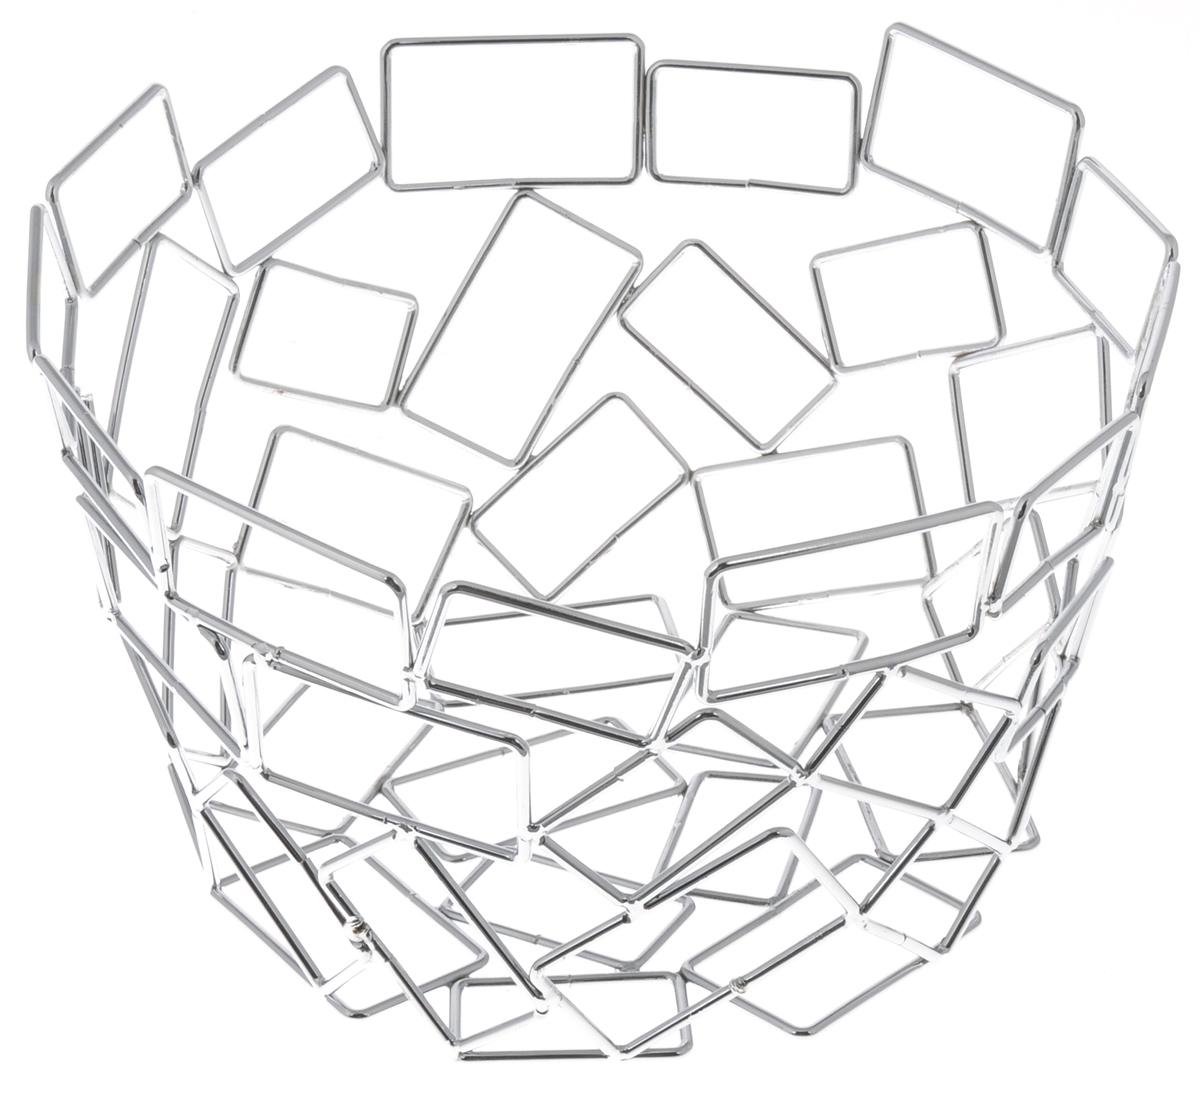 Фруктовница Guterwahl, круглая, диаметр 23 см. YSH-1104YSH-1104Оригинальная фруктовница Guterwahl, изготовленная из нержавеющей стали с хромированной поверхностью, идеально подходит для хранения и красивой сервировки любых фруктов. Современный дизайн фруктовницы идеально впишется в интерьер вашей кухни. Изделие рекомендуется мыть вручную с применением любых неабразивных моющих средств. Не рекомендуется использование металлических щеток для чистки. Диаметр (по верхнему краю): 23 см. Высота: 14 см.